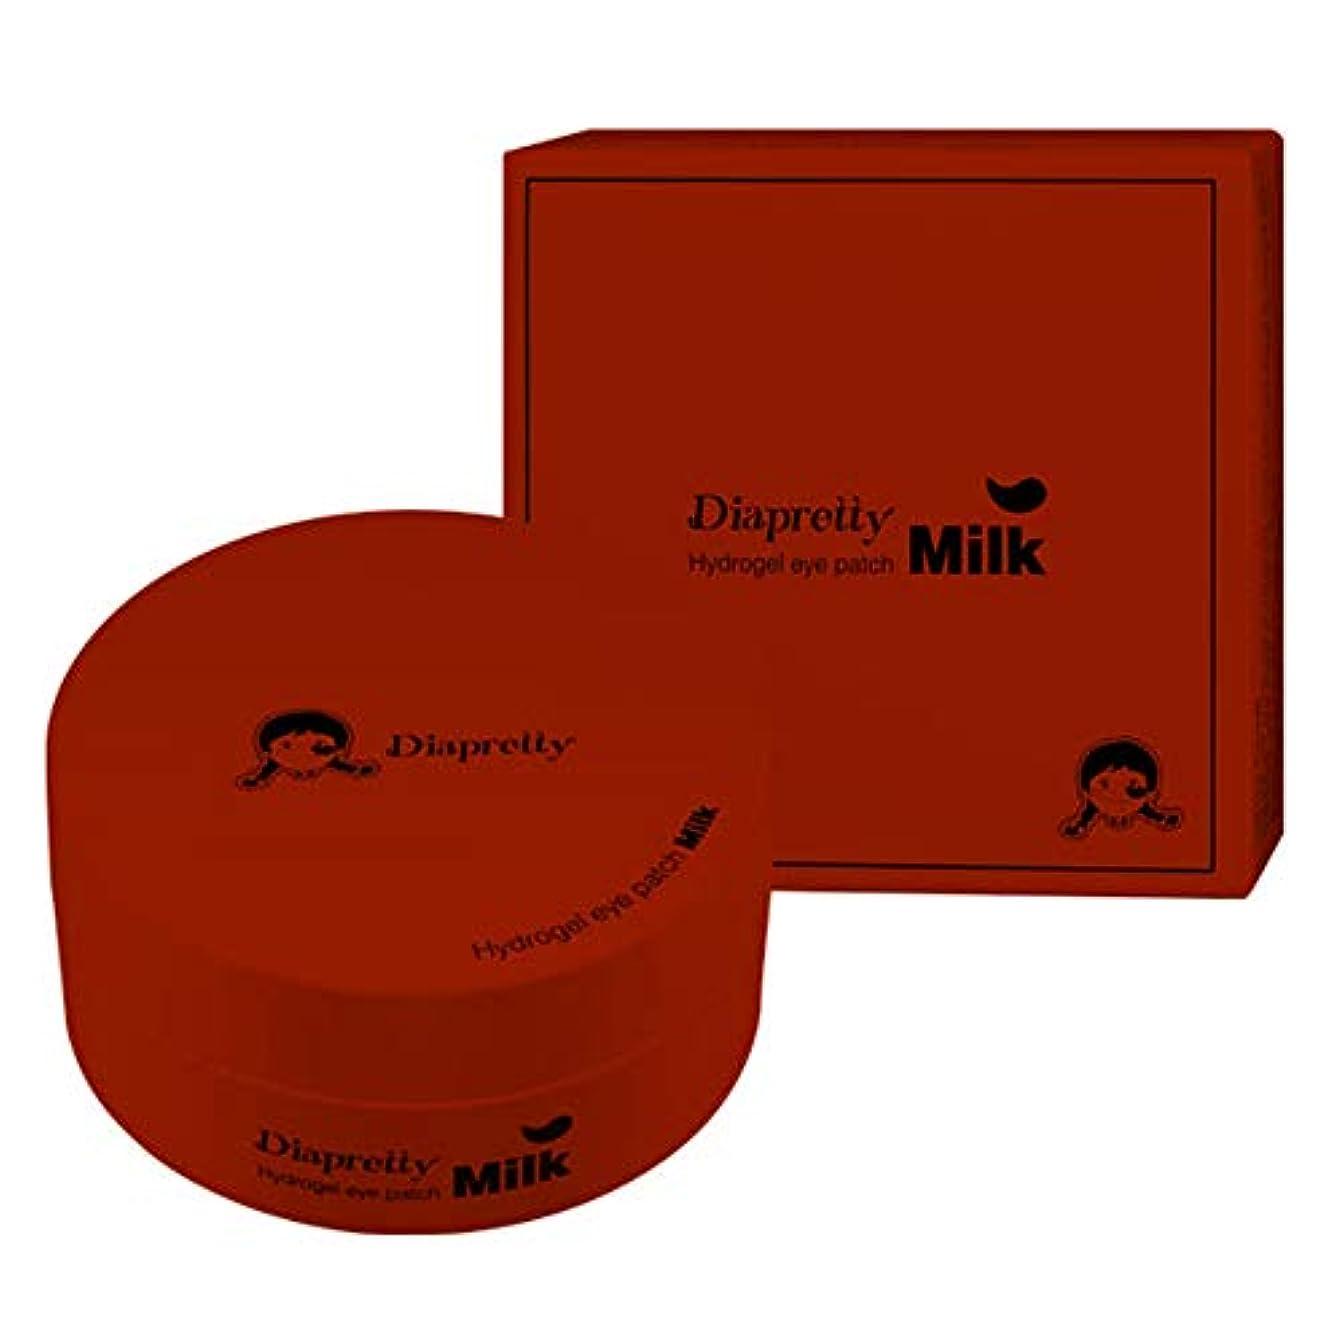 絞る住所インスタント[ダイアプリティ] ハイドロゲルア イパッチ (Red Ginseng) 60枚, [Diapretty] Hydrogel Eyepatch(Red Ginseng) 60pieces